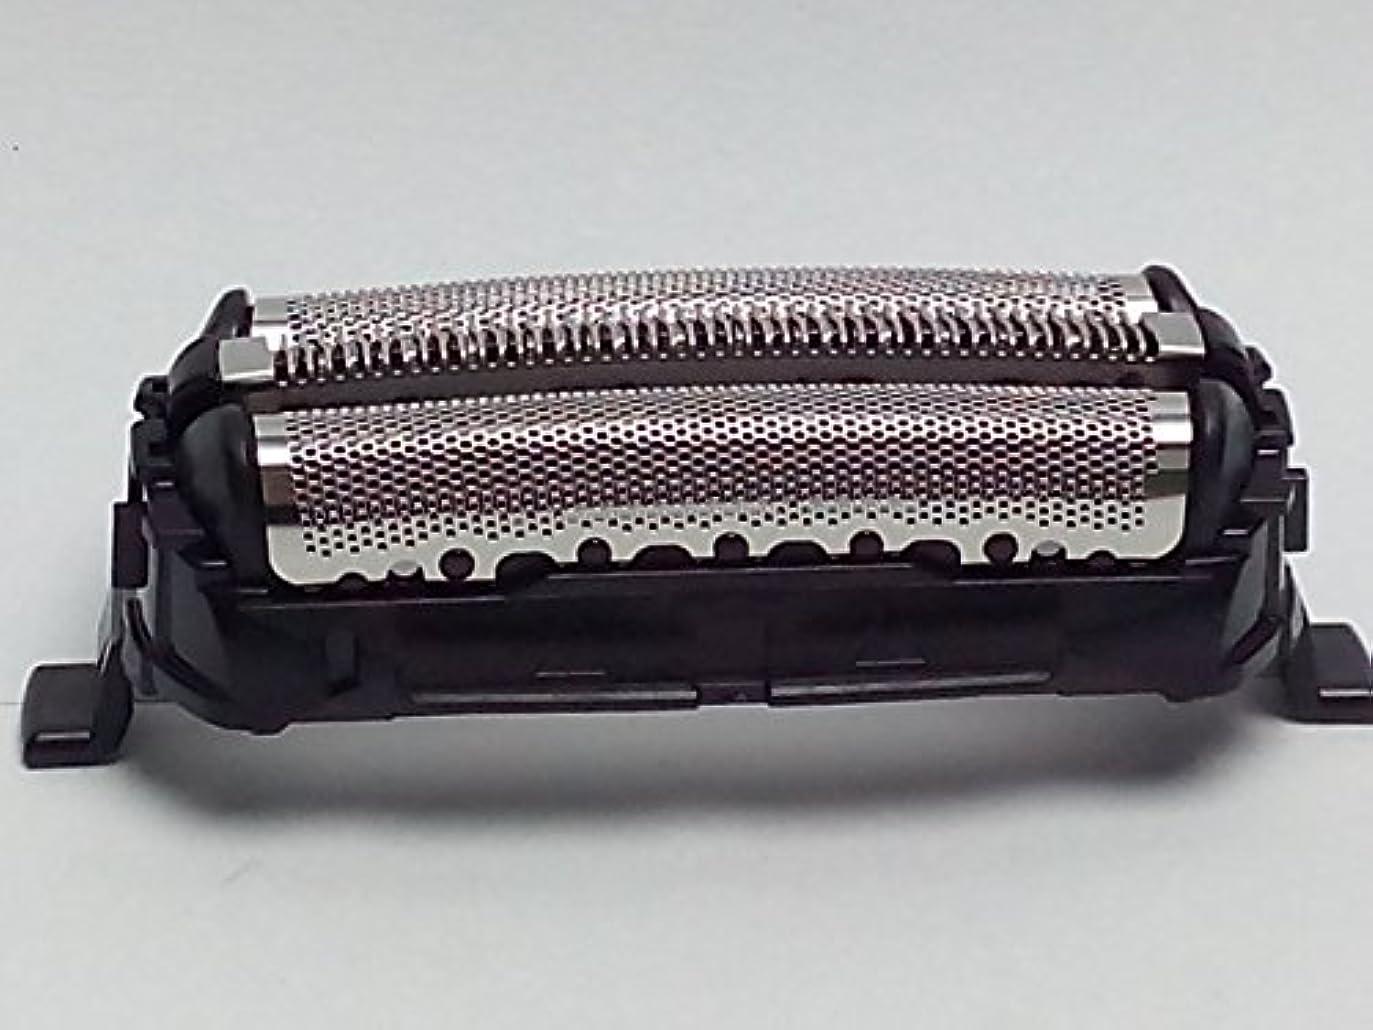 剃刀ヘッドブレードネット パナソニック PANASONIC ES-LT50 ES-LT33-S ES-SL83 ES-SL33 ES-RT17-K ES-RT77-S 交換用外箔 Shaver Razor head Replacement...